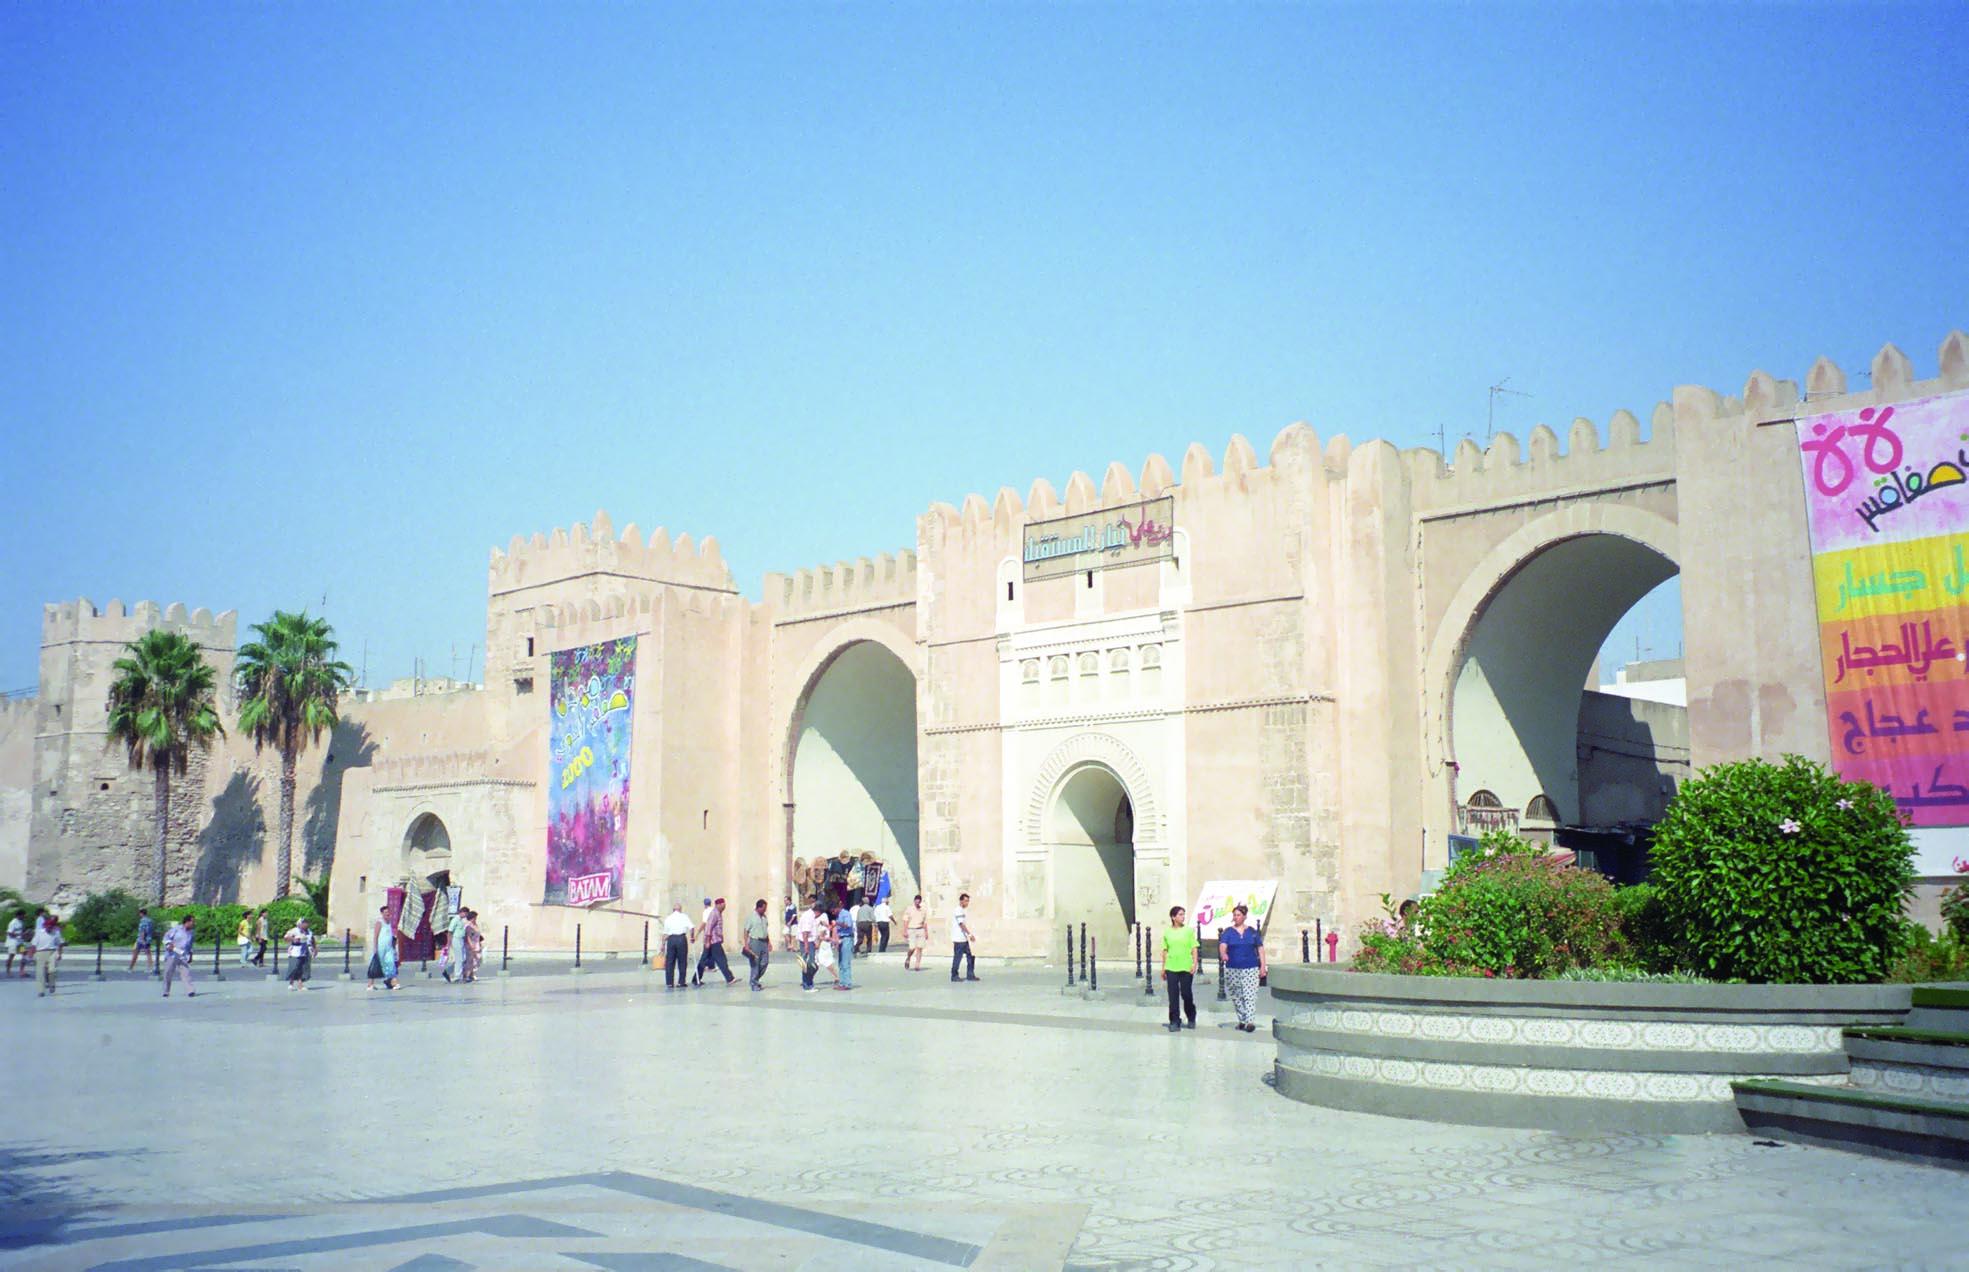 عطور وأنوار في احتفالية صفاقس عاصمة للثقافة العربية لعام 2016